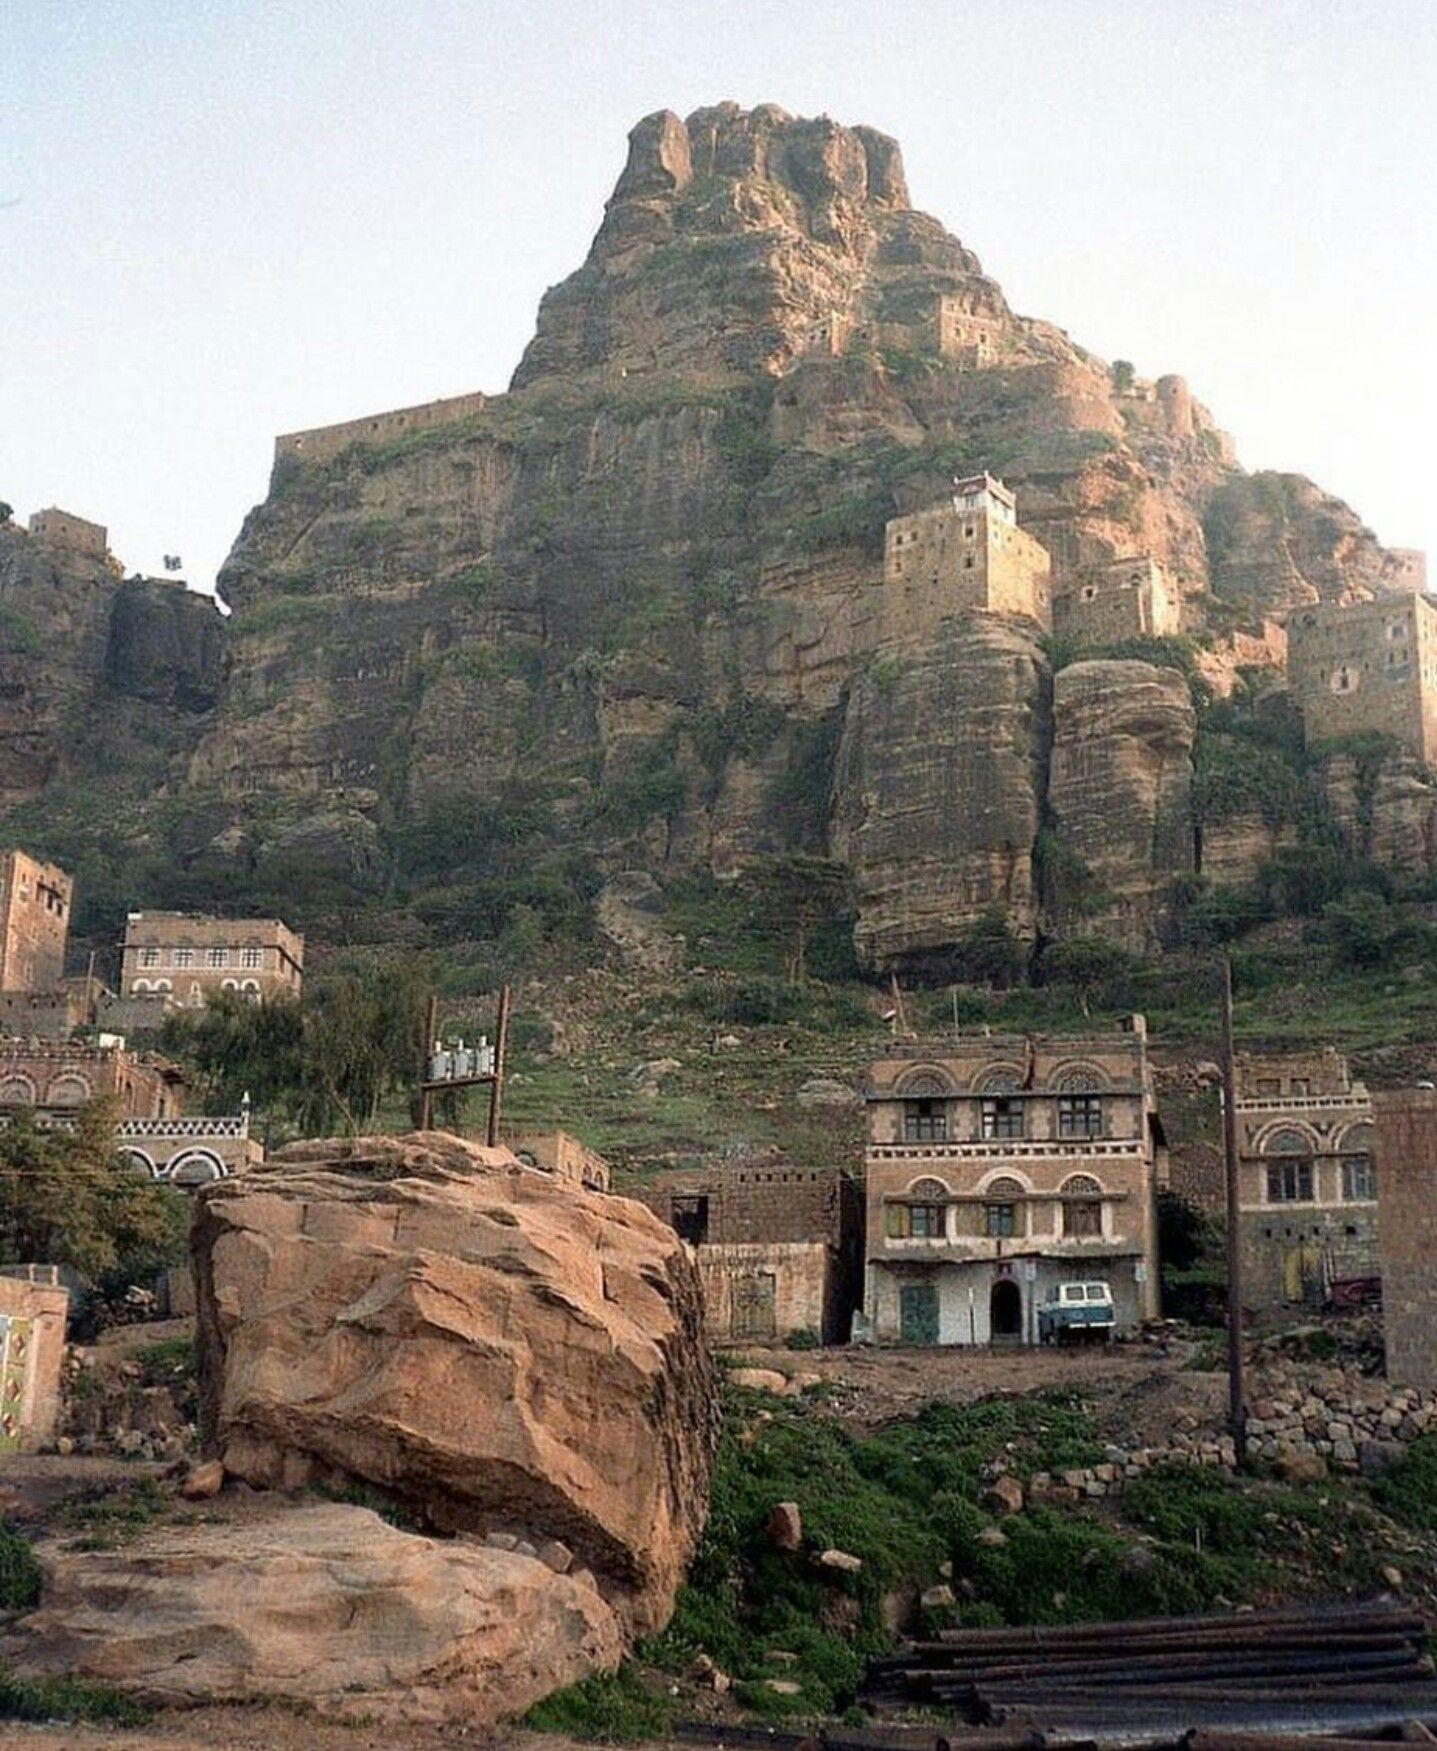 ما يخلق الله ارض إلا ويخلق ناس اشد منها كذالك هم اهل اليمن جعلوا من الجبال الصلبه بيوت لهم صباحكم Yemen Architecture Old City